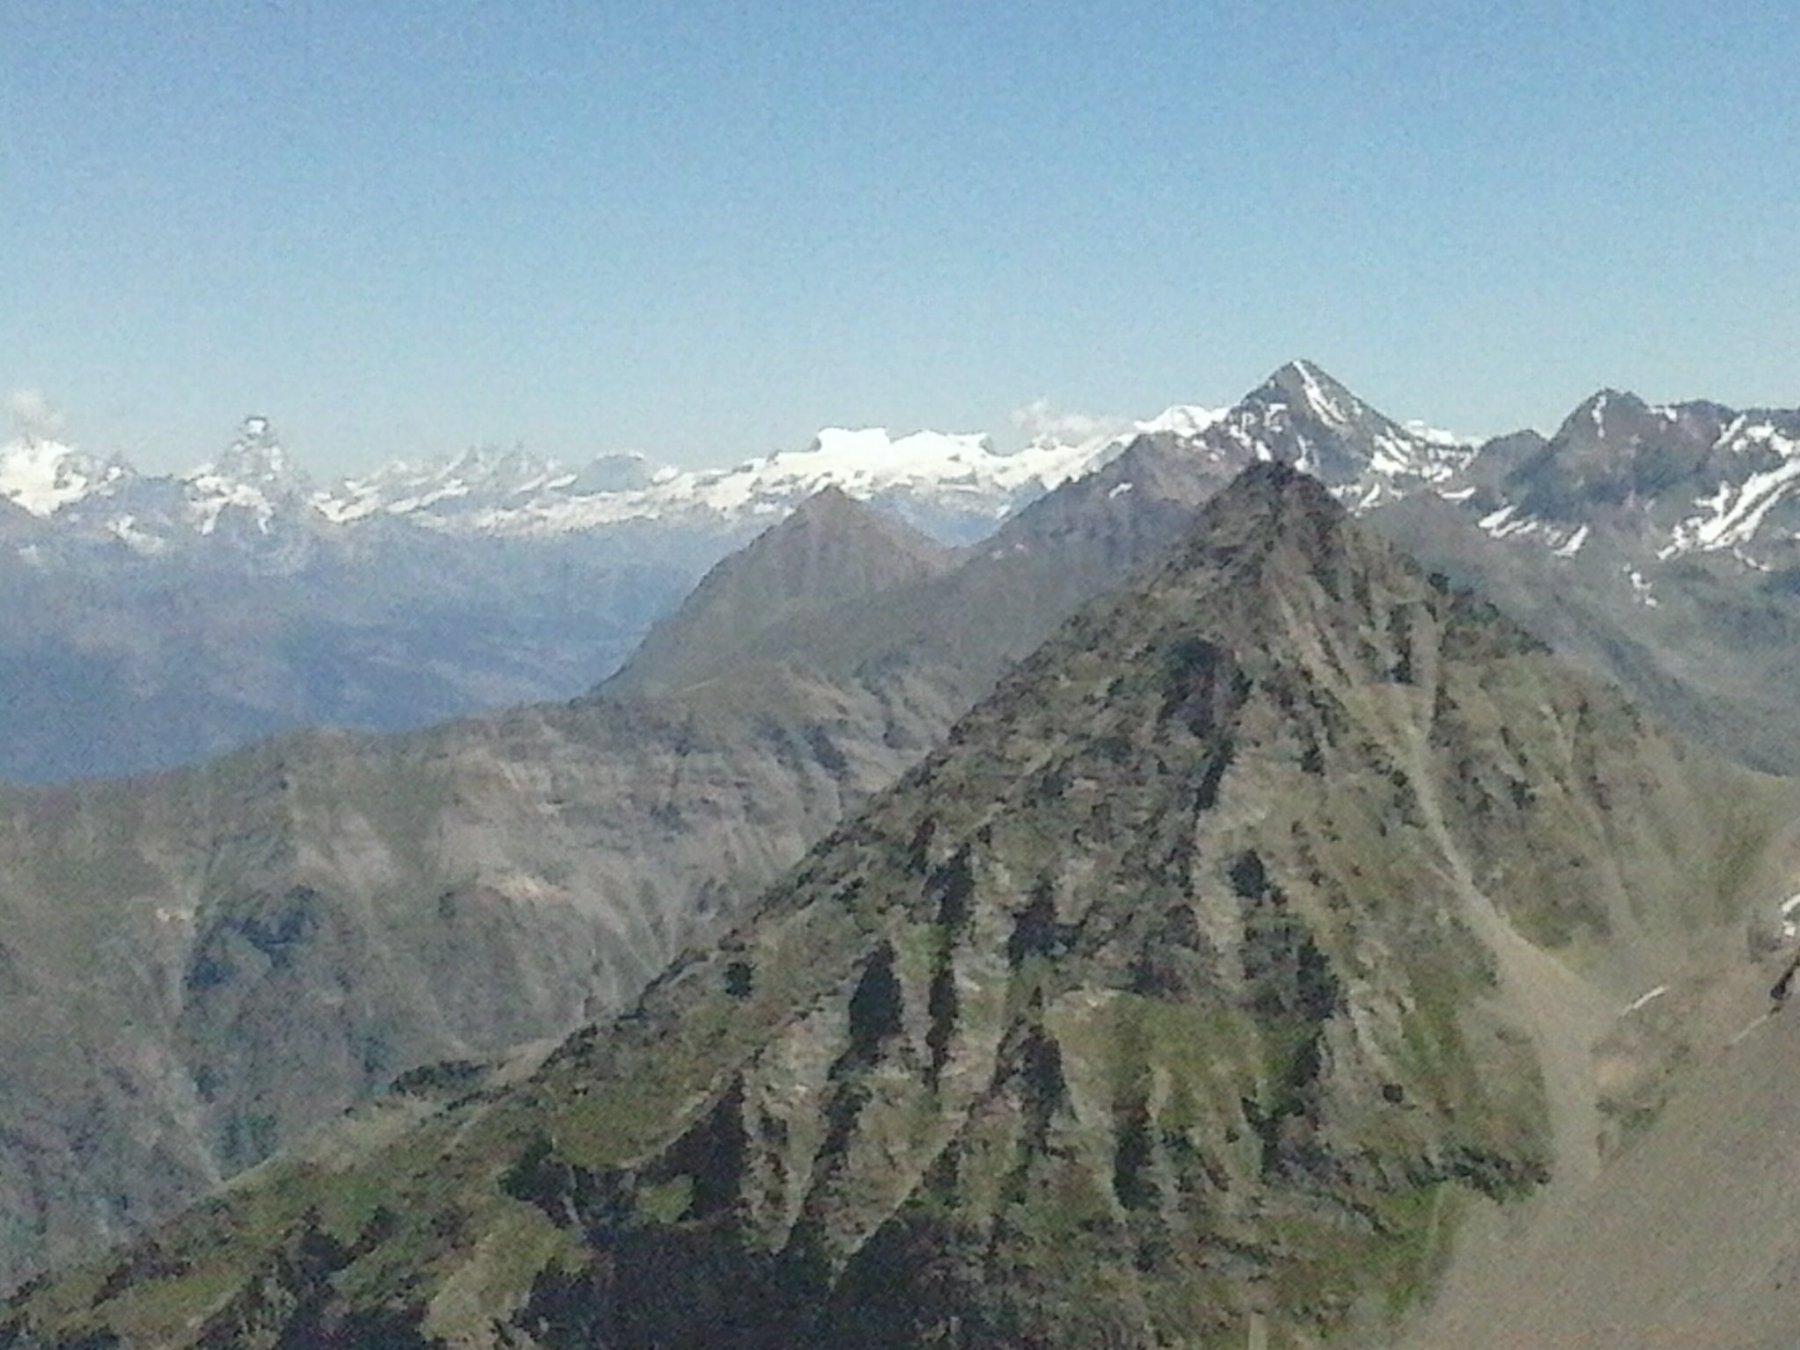 l'arrivo al colle..panorama verso il Cervino, il Monte Rosa etc...